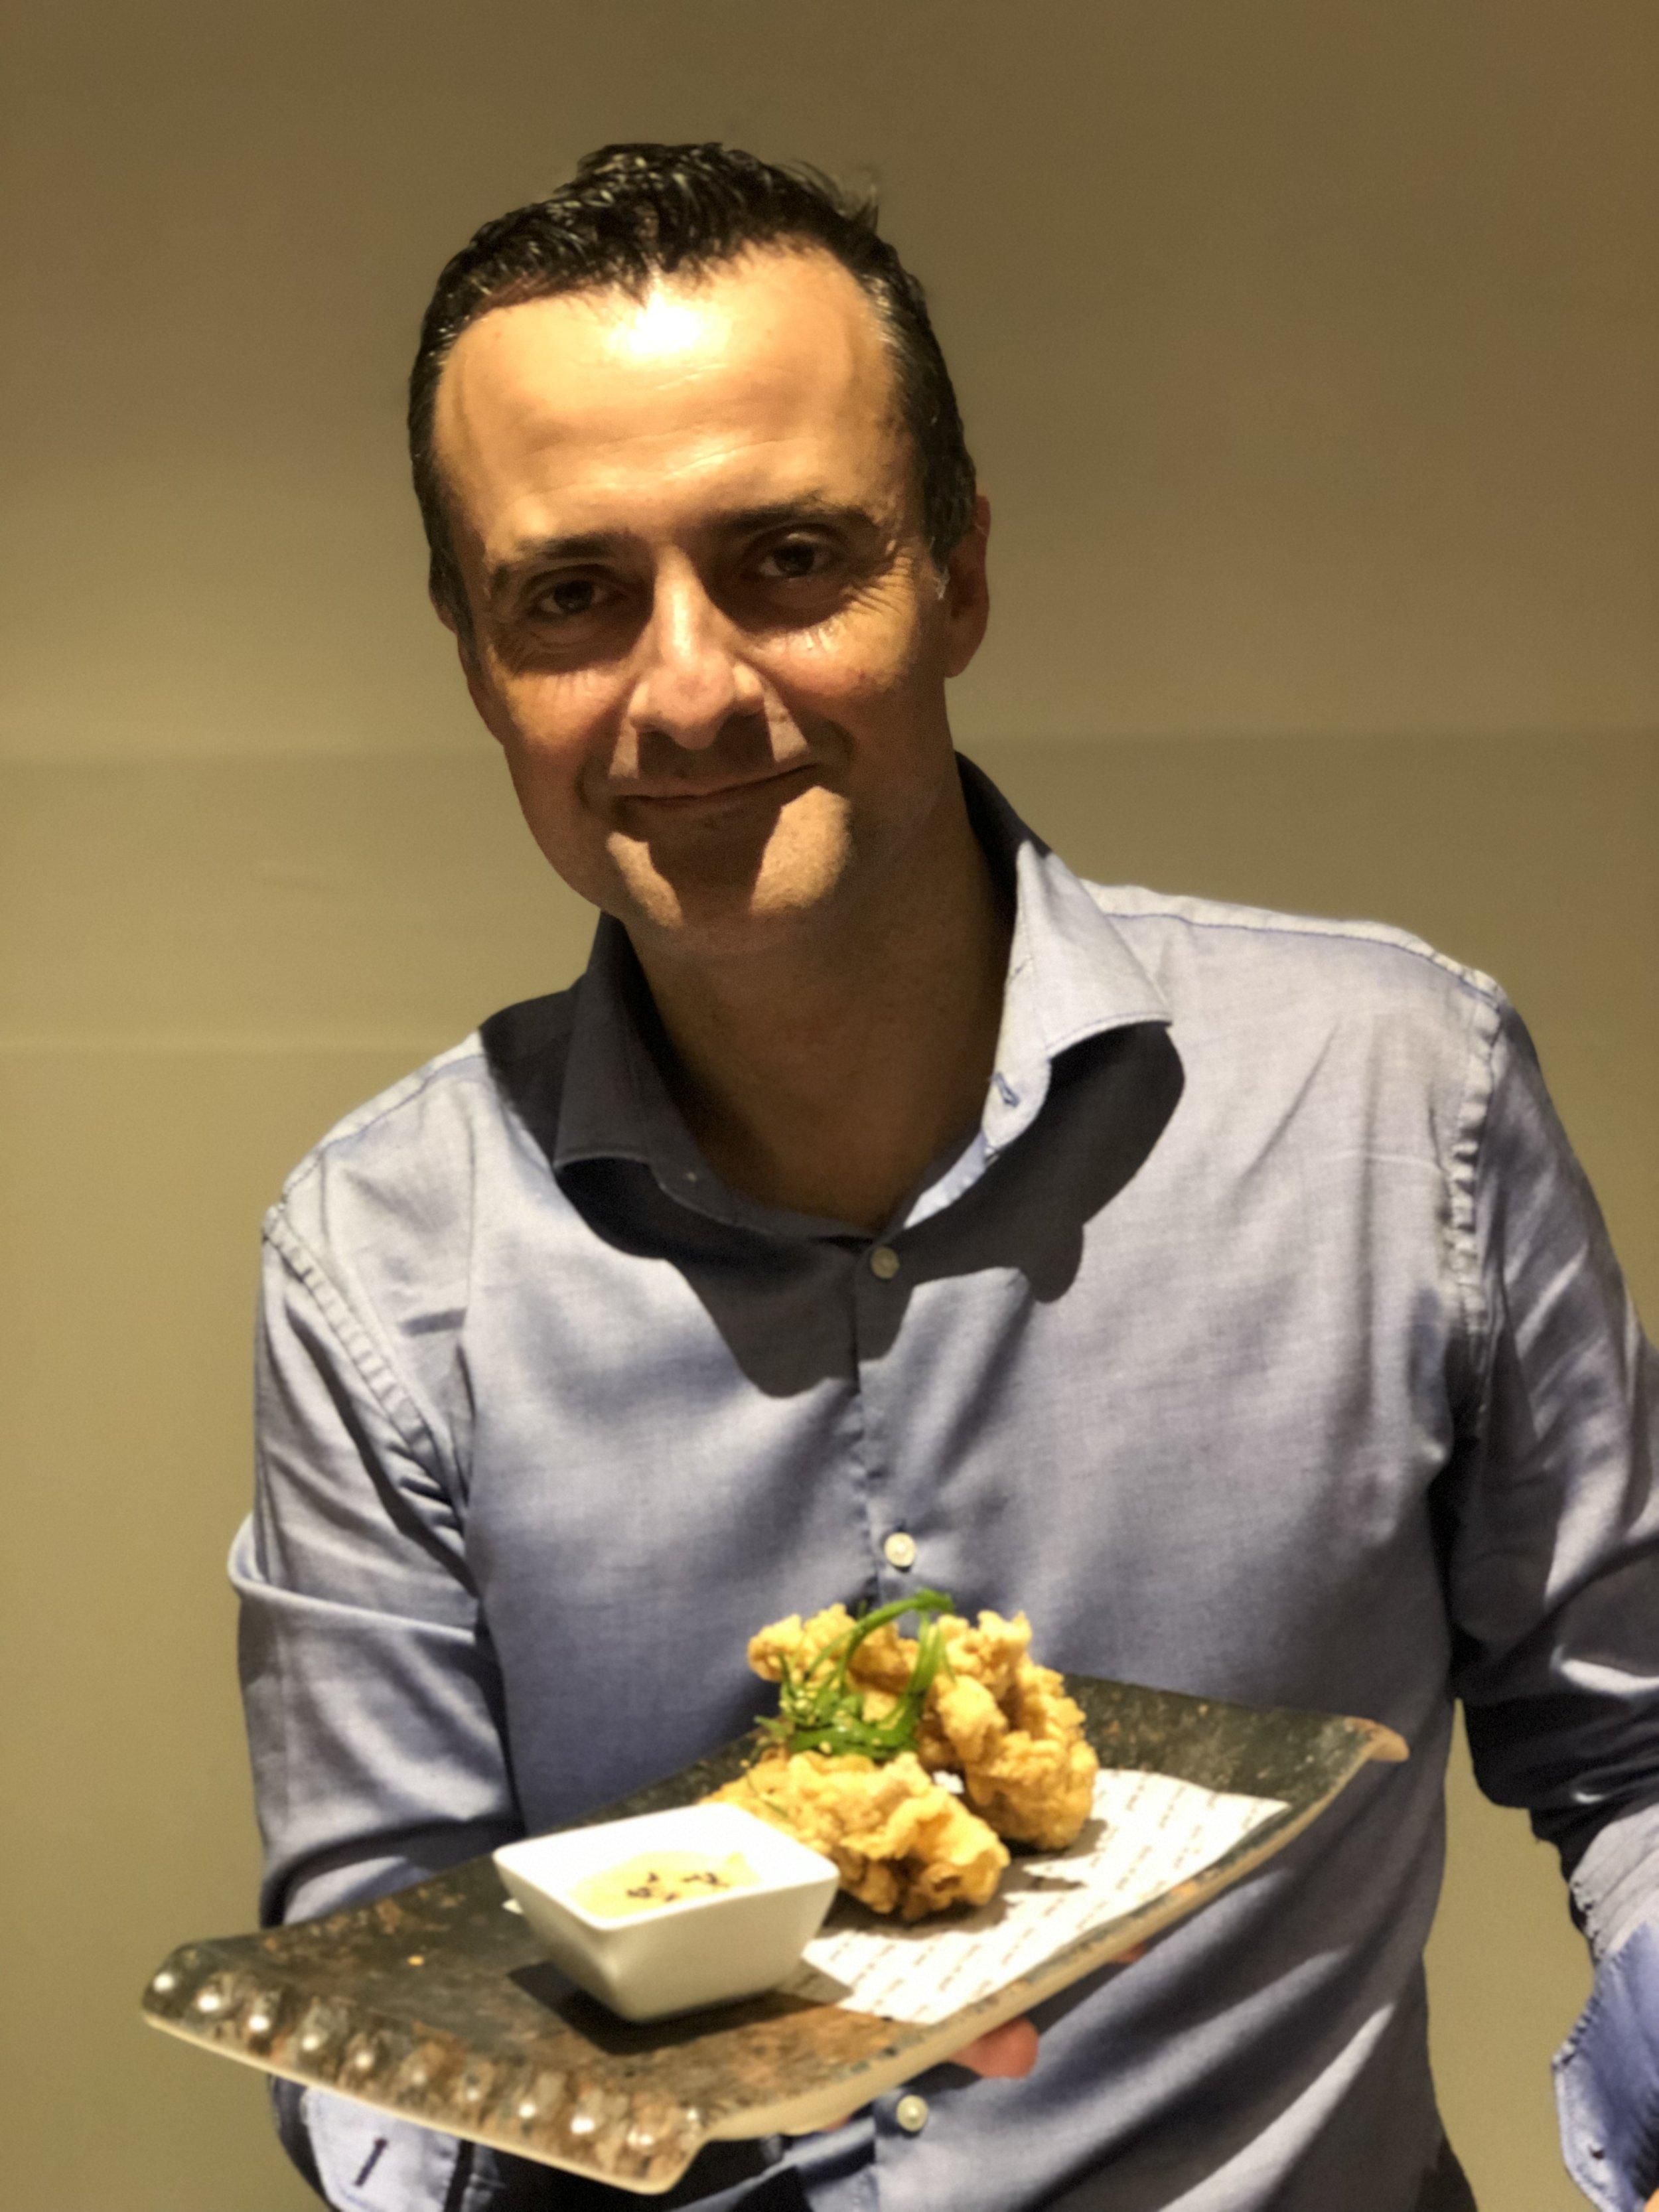 ¡Xavier a punto de disfrutar su segundo plato!